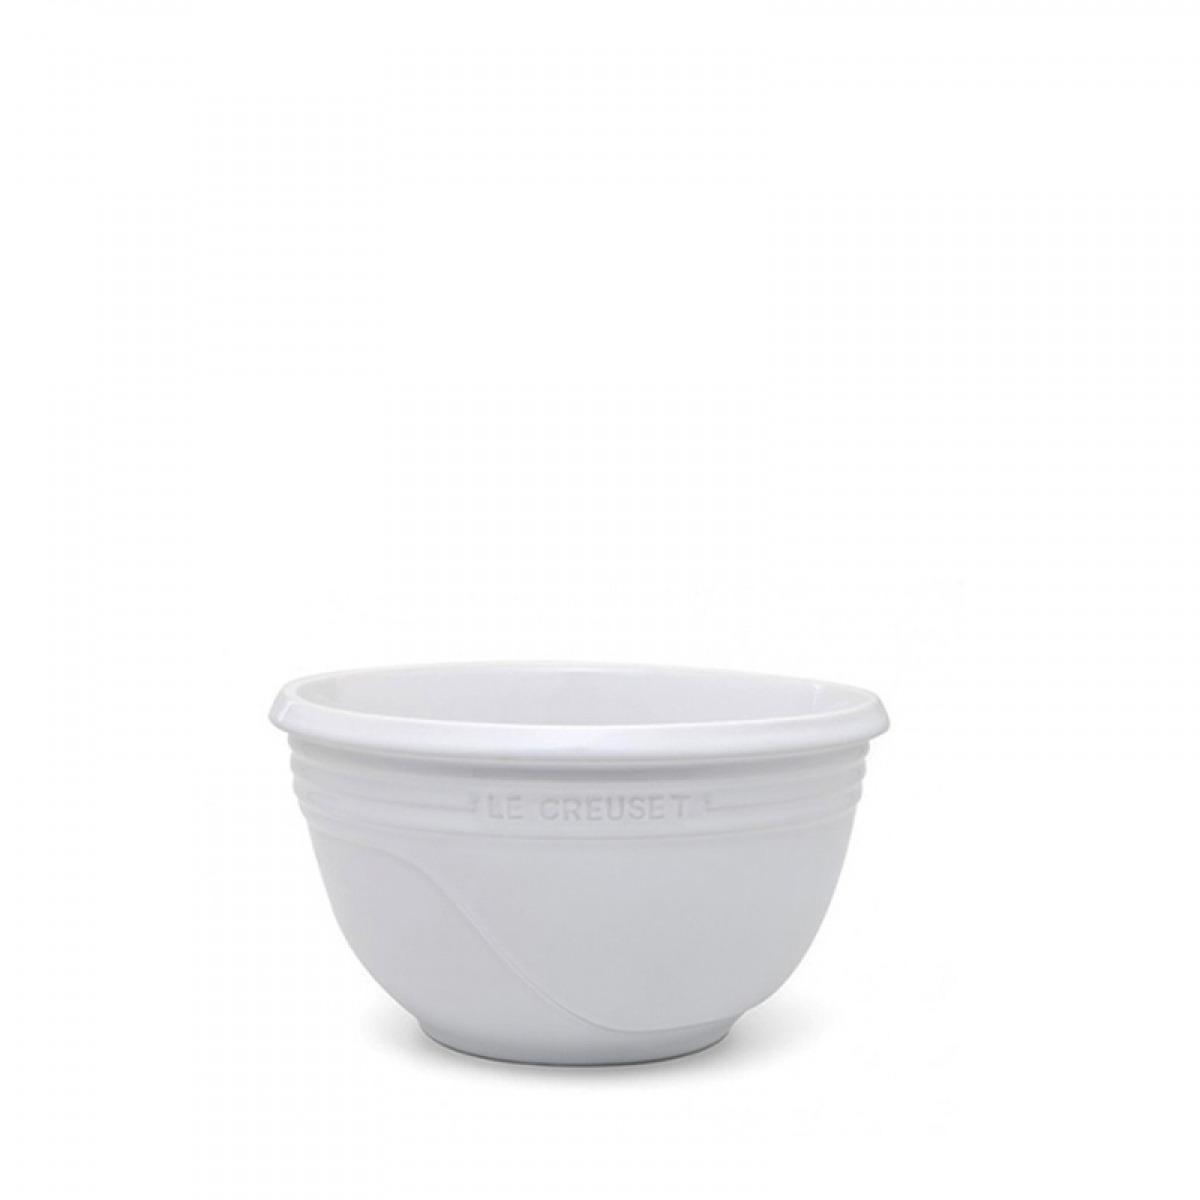 Bowl Le Creuset Branco P